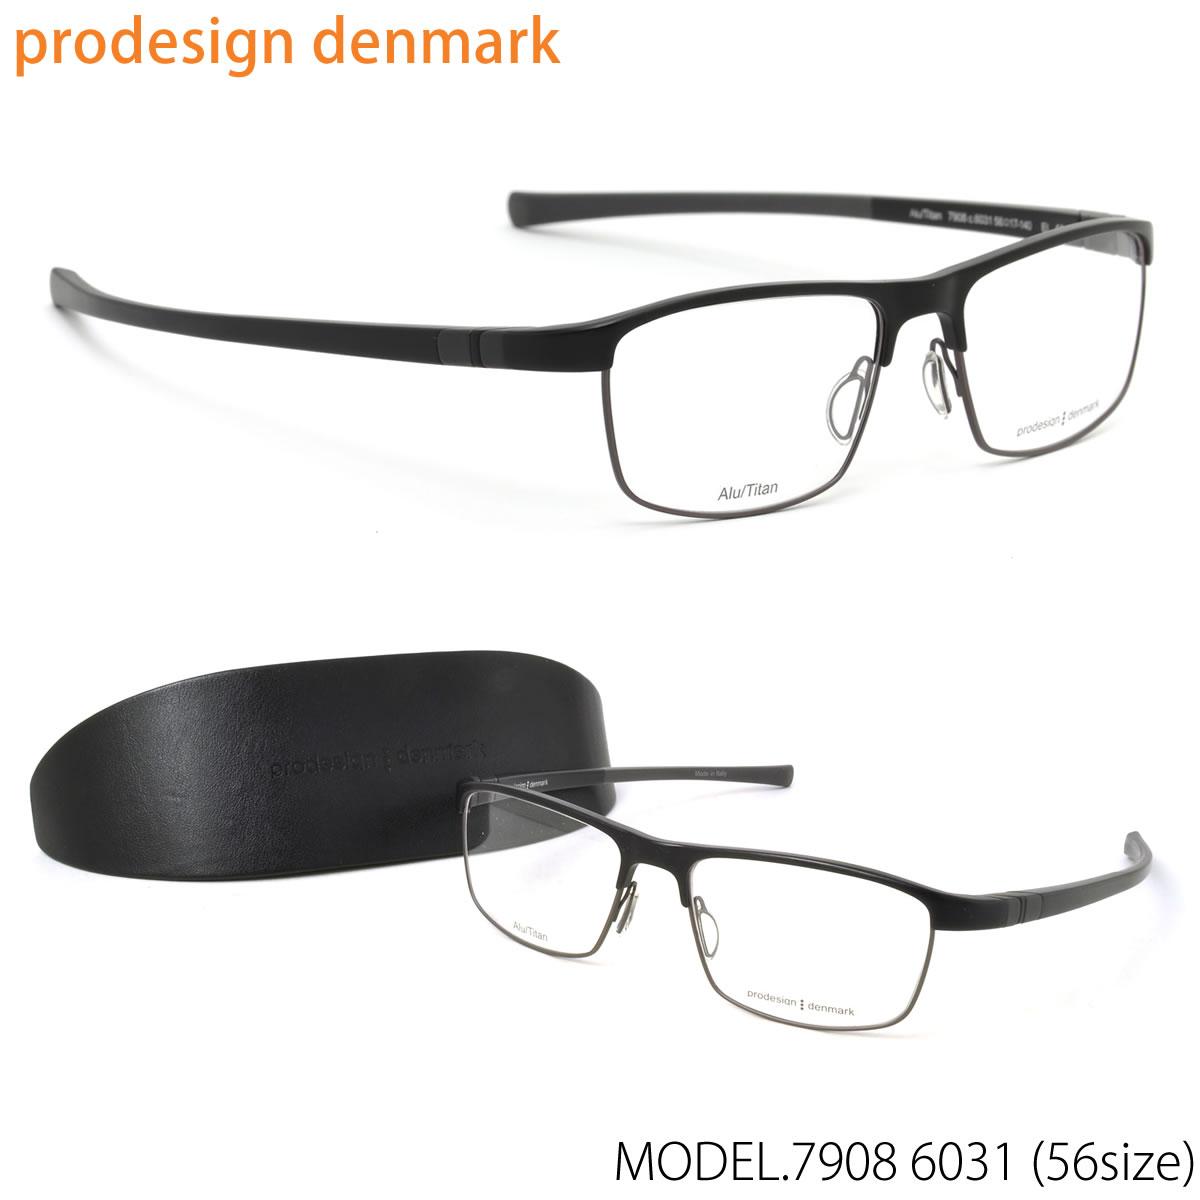 【10月30日からエントリーで全品ポイント20倍】prodesign:denmark(プロデザインデンマーク) メガネ フレーム 7908 6031 56 北欧 アイウェアオブザイヤー 伊達メガネレンズ無料 プロデザインデンマーク prodesign:denmark メンズ レディース【LOS30】